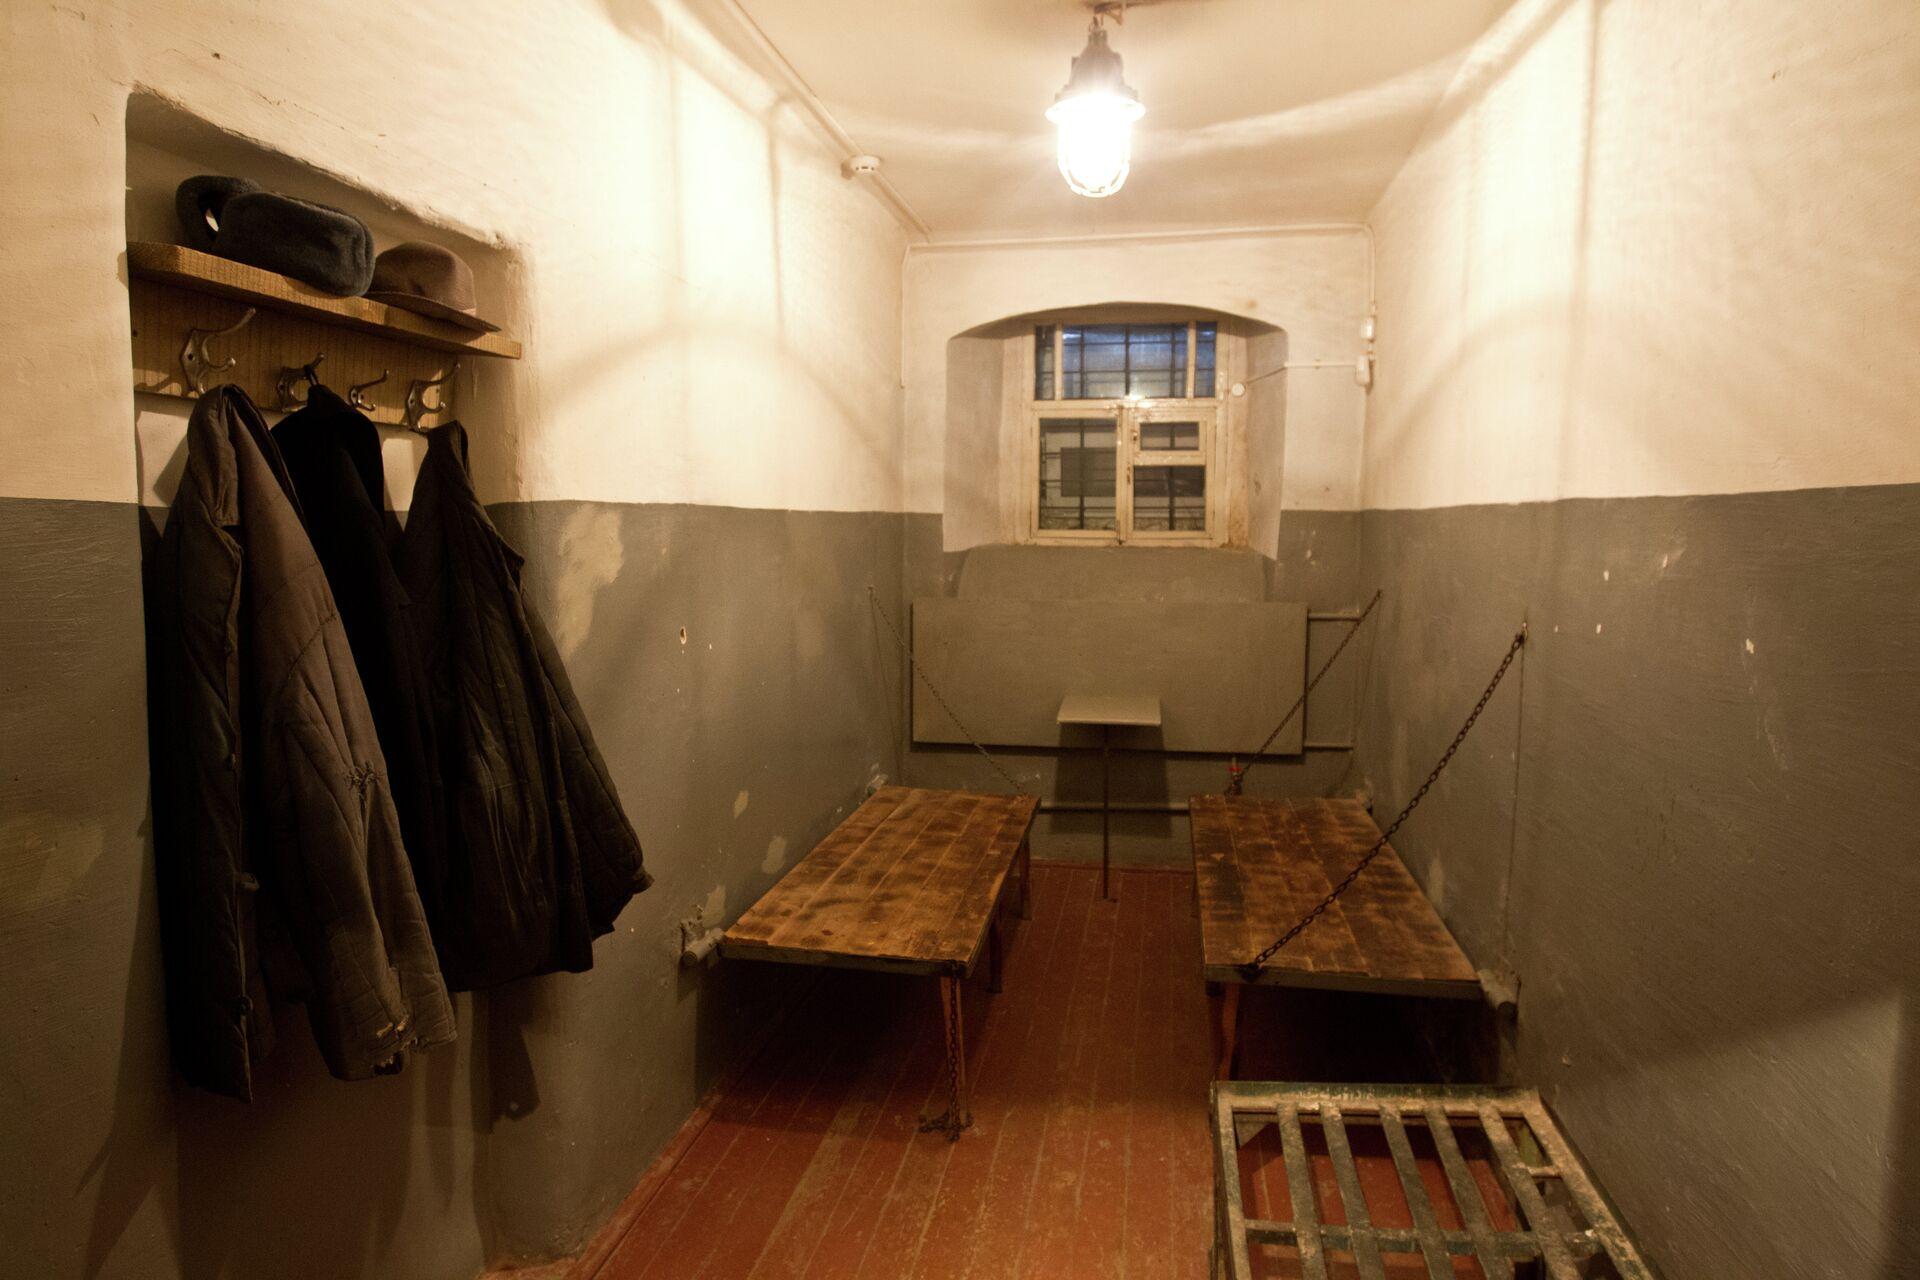 Камера в томском музее Следственная тюрьма НКВД - РИА Новости, 1920, 28.01.2021